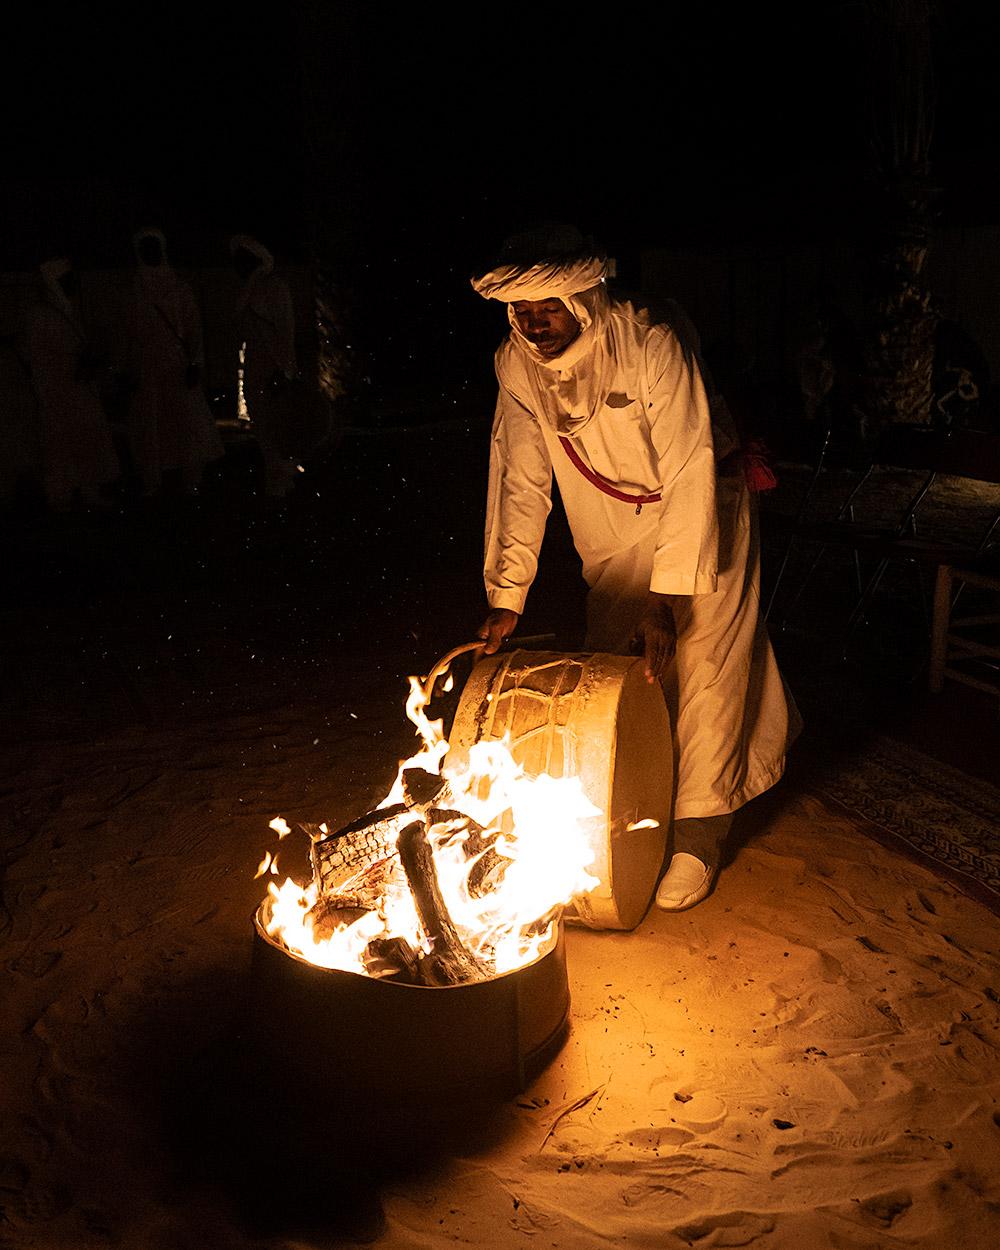 Uma noite mágica no deserto em Marrocos